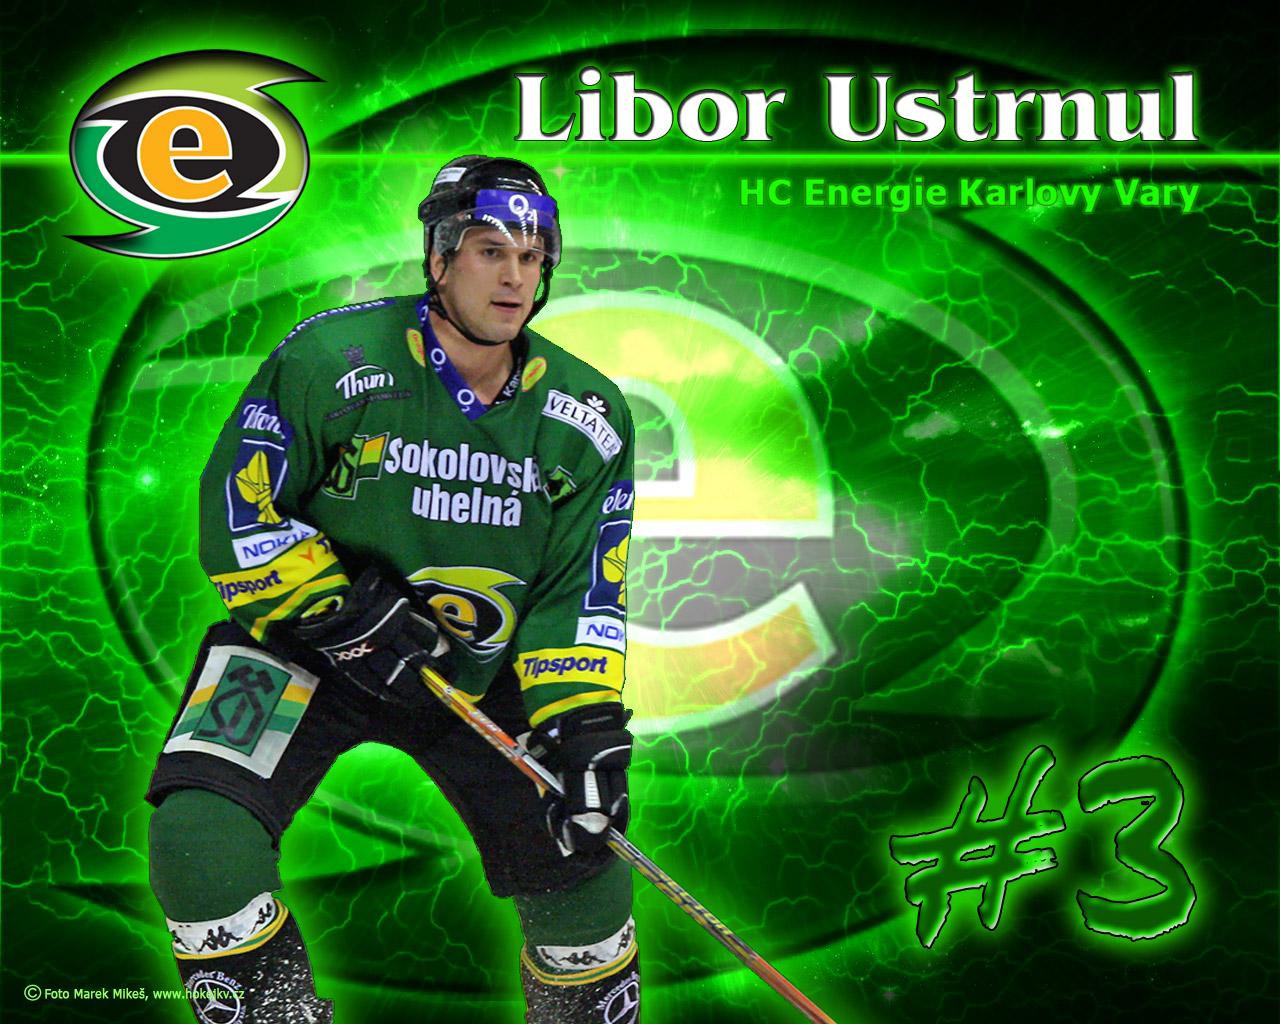 http://www.hokejkv.cz/download/wallpapery/2008/ustrnul_1280.jpg